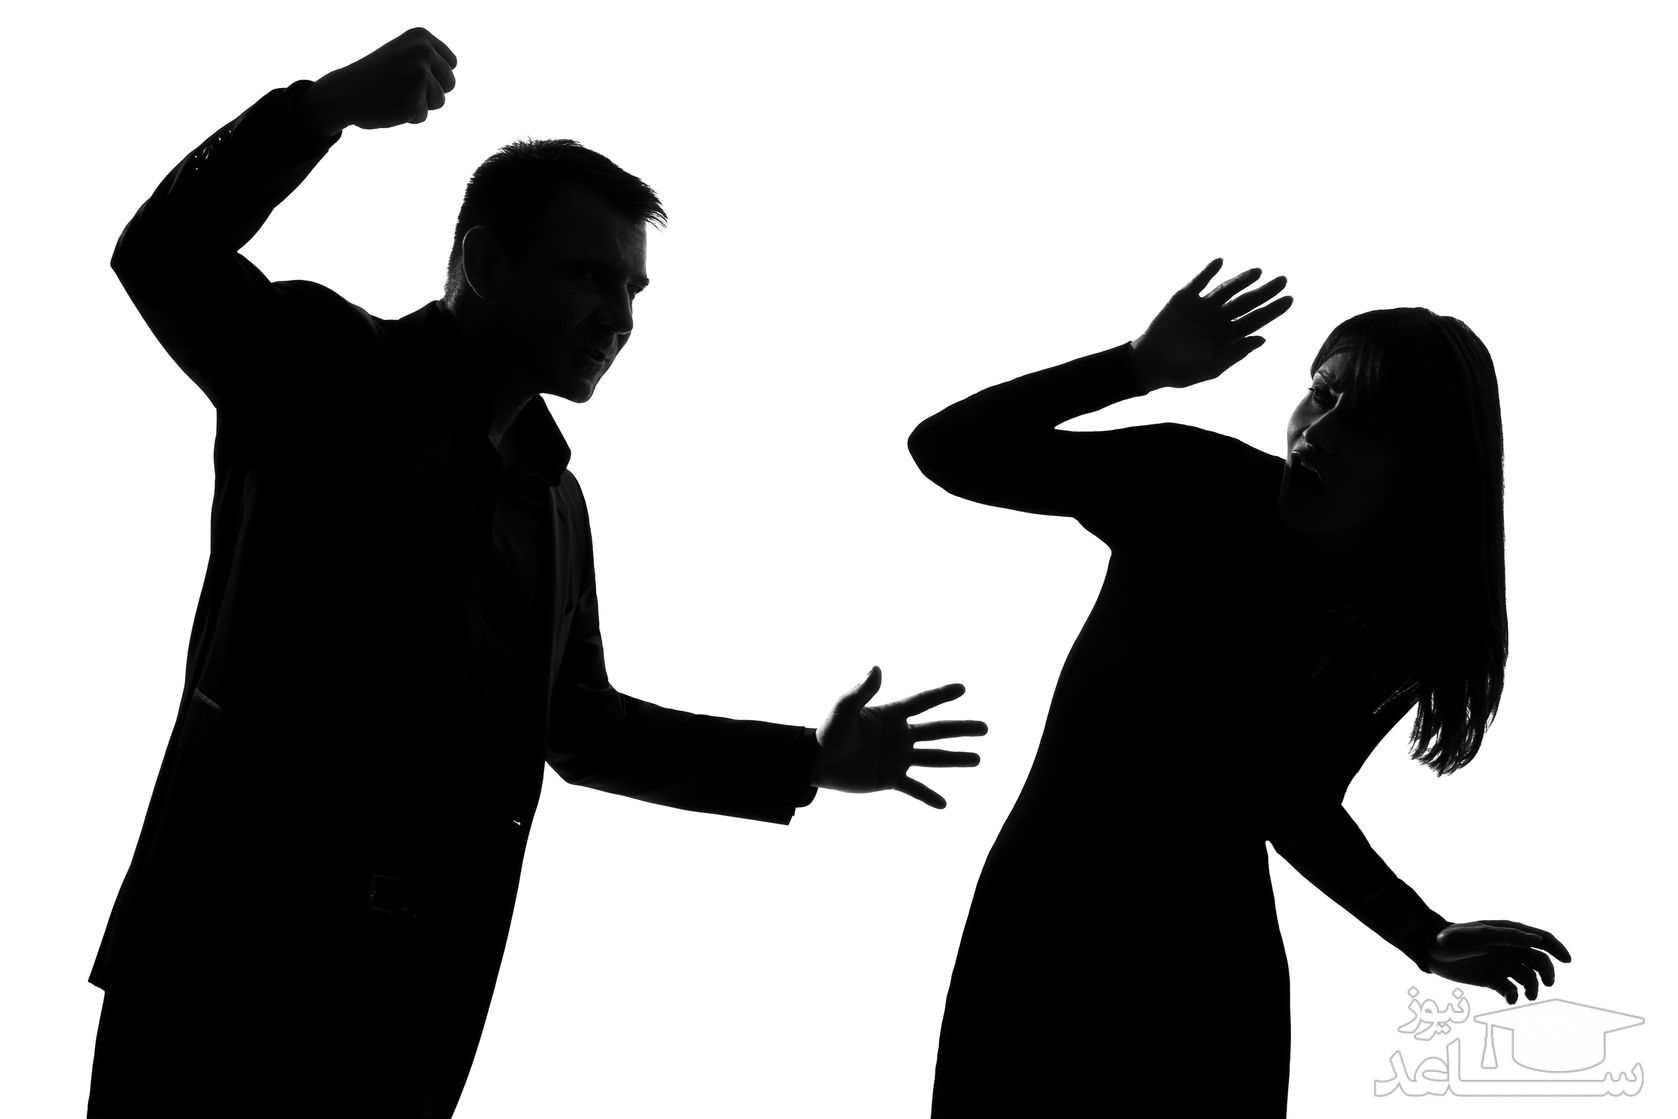 روی دیگر همسرآزاری در ایران؛ مردانی که از همسرانشان آزار میبینند!